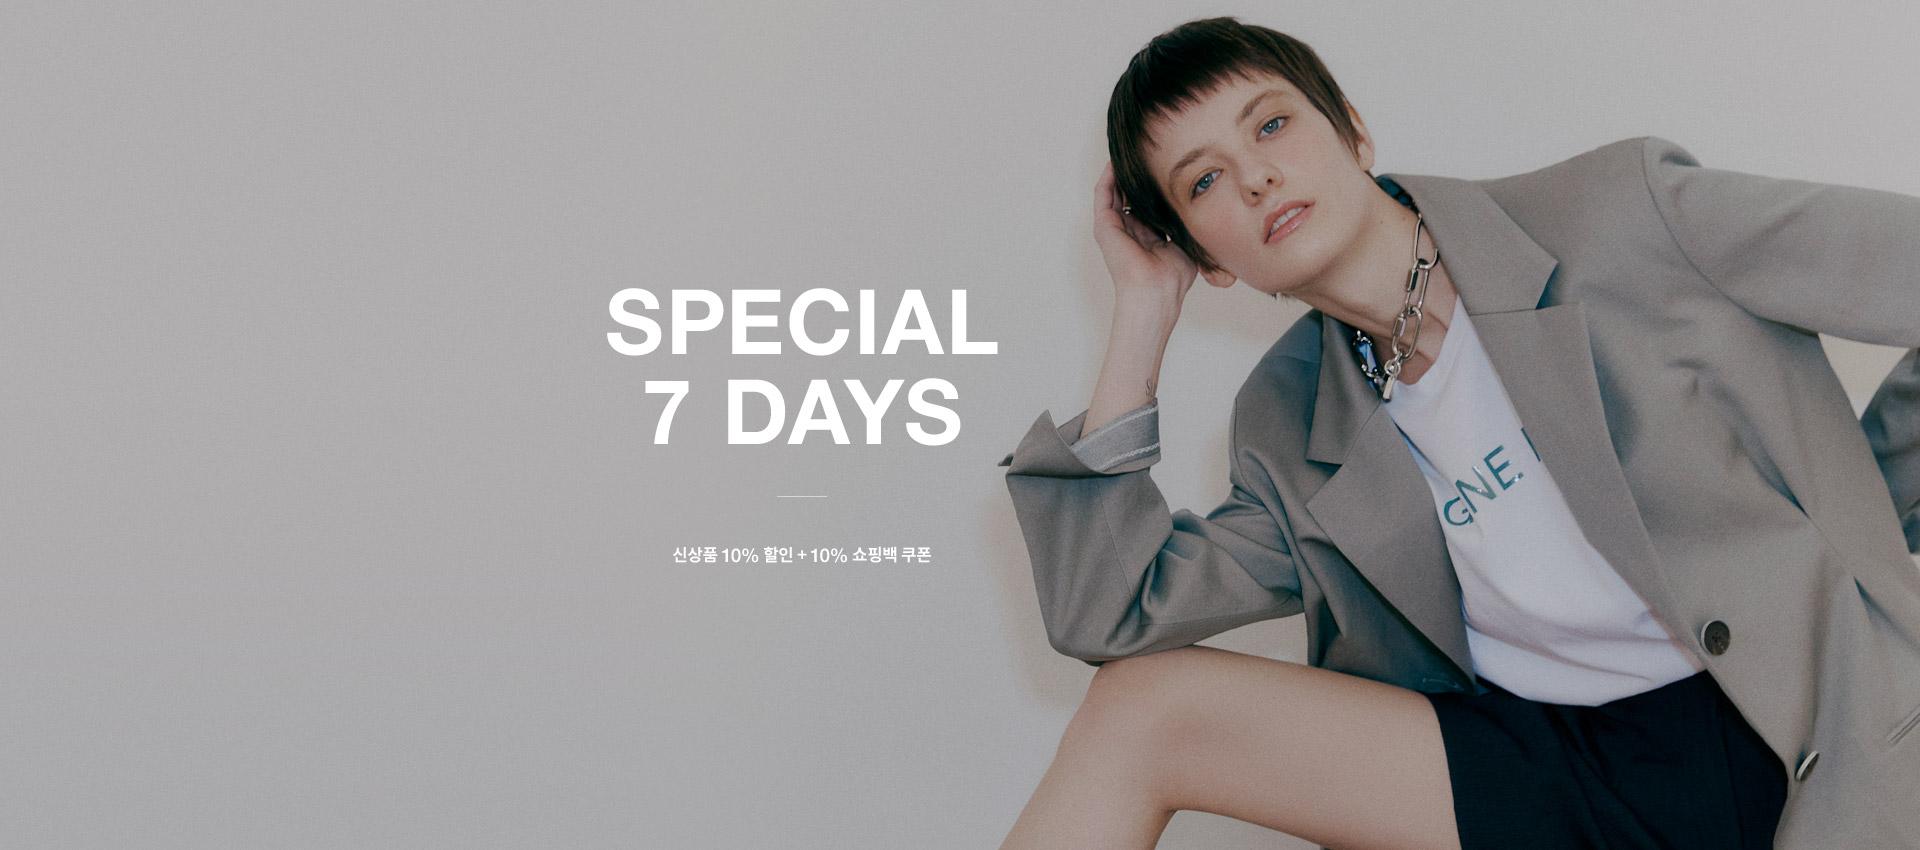 신상 스페셜 , 7 DAYS